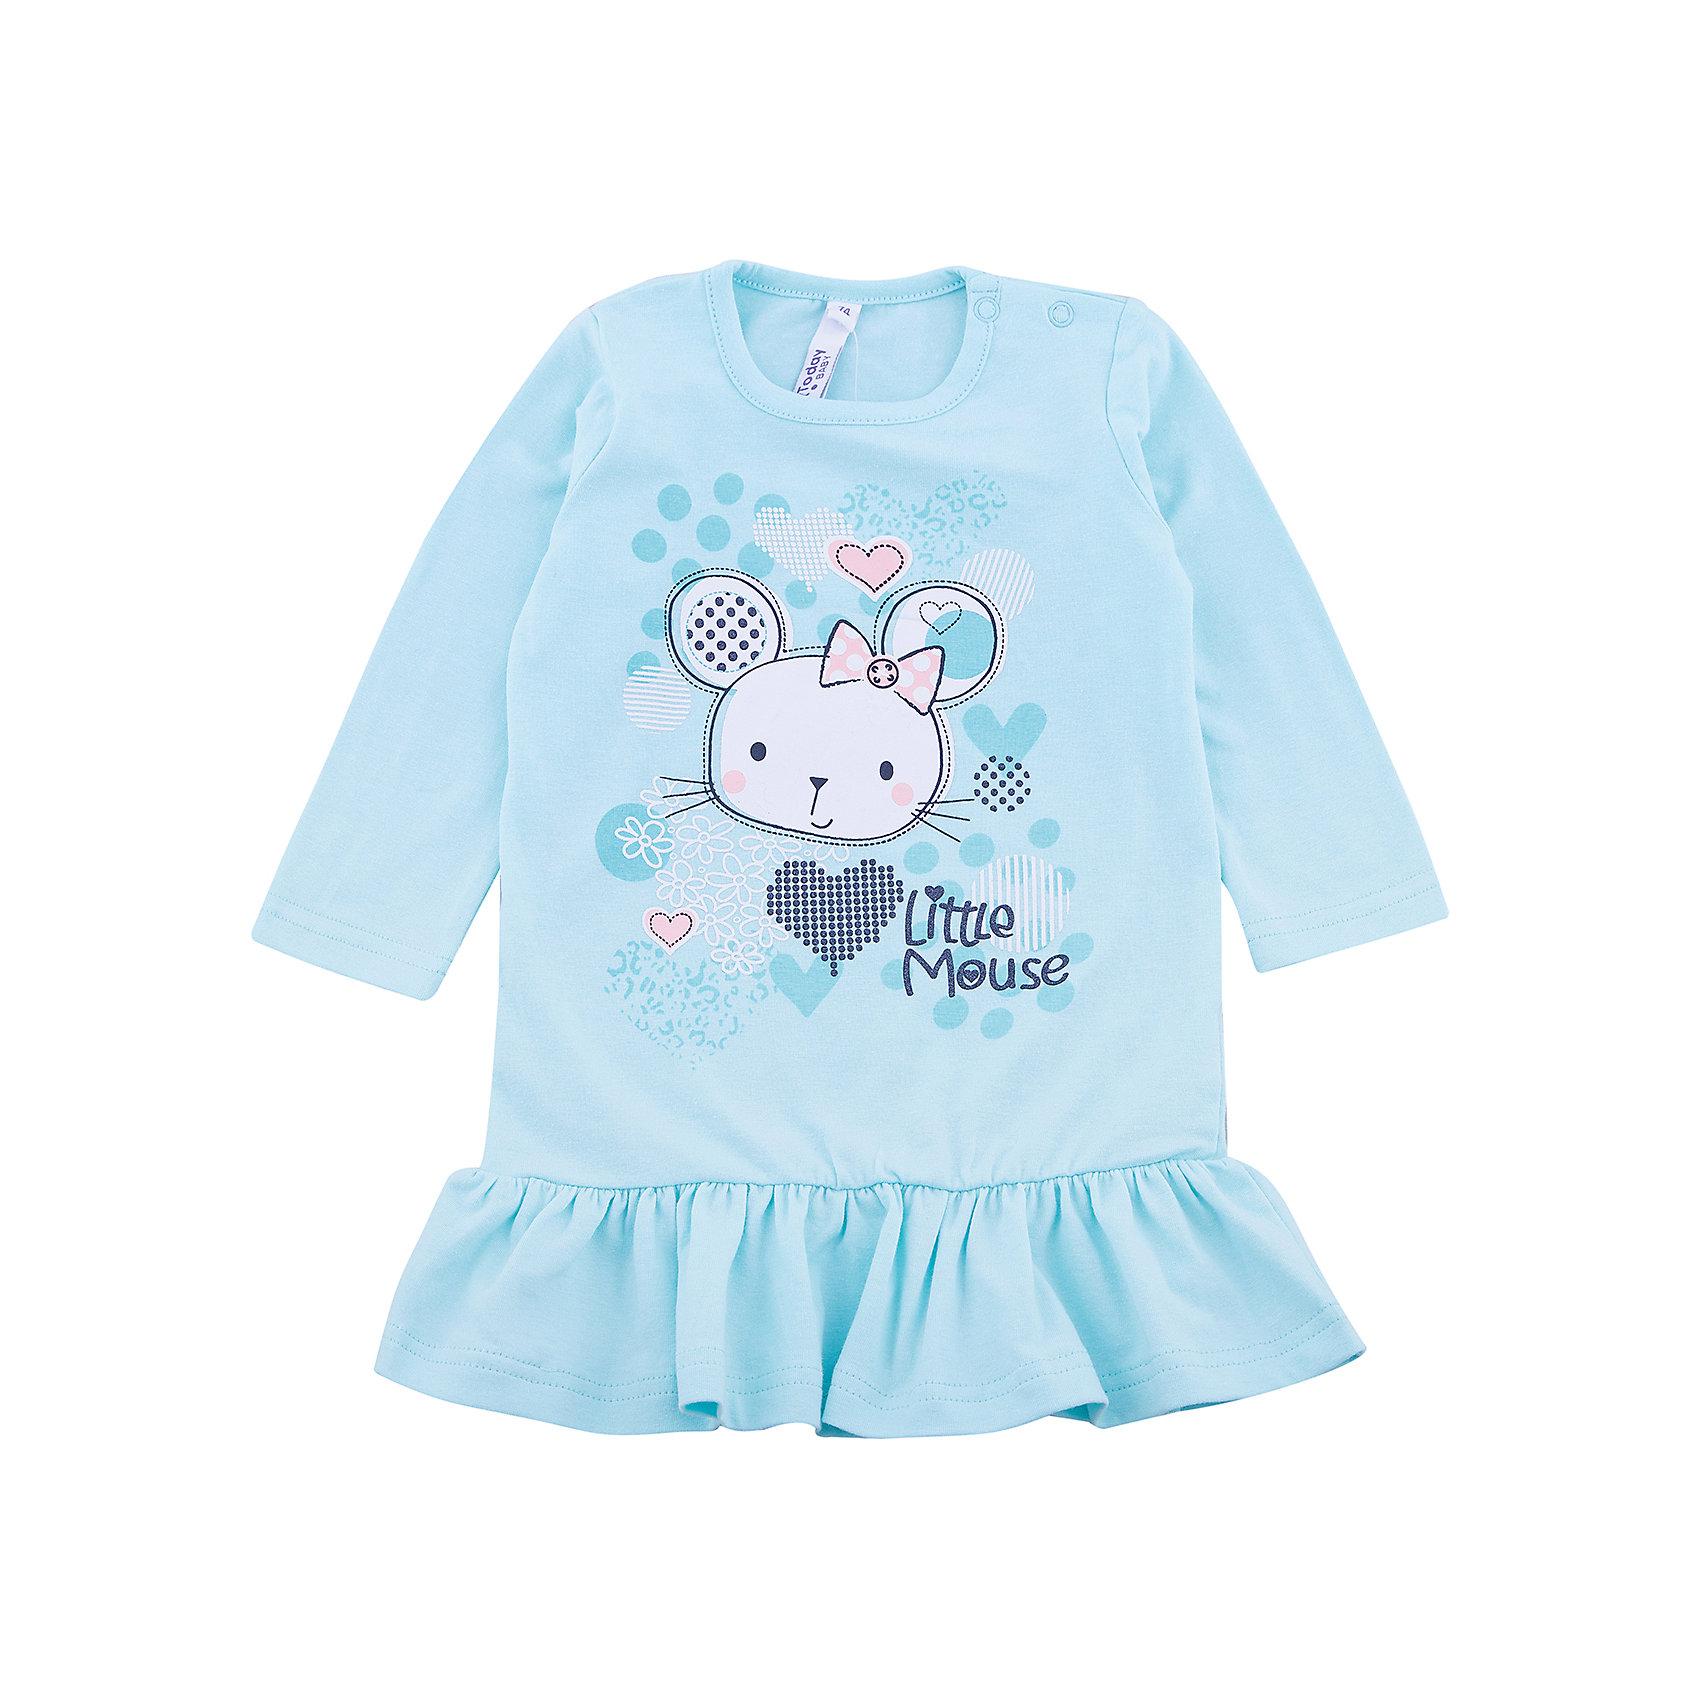 Платье PlayToday для девочкиПлатья<br>Платье PlayToday для девочки<br>Платье с длинным рукавом и заниженной талией. Модель из натурального хлопка, по низу дополнена оборкой. Для удобства снимания и одевания на плече расположены застежки - кнопки. В качестве декора использован яркий принт.<br>Состав:<br>95% хлопок, 5% эластан<br><br>Ширина мм: 236<br>Глубина мм: 16<br>Высота мм: 184<br>Вес г: 177<br>Цвет: белый<br>Возраст от месяцев: 18<br>Возраст до месяцев: 24<br>Пол: Женский<br>Возраст: Детский<br>Размер: 92,74,80,86<br>SKU: 7110387